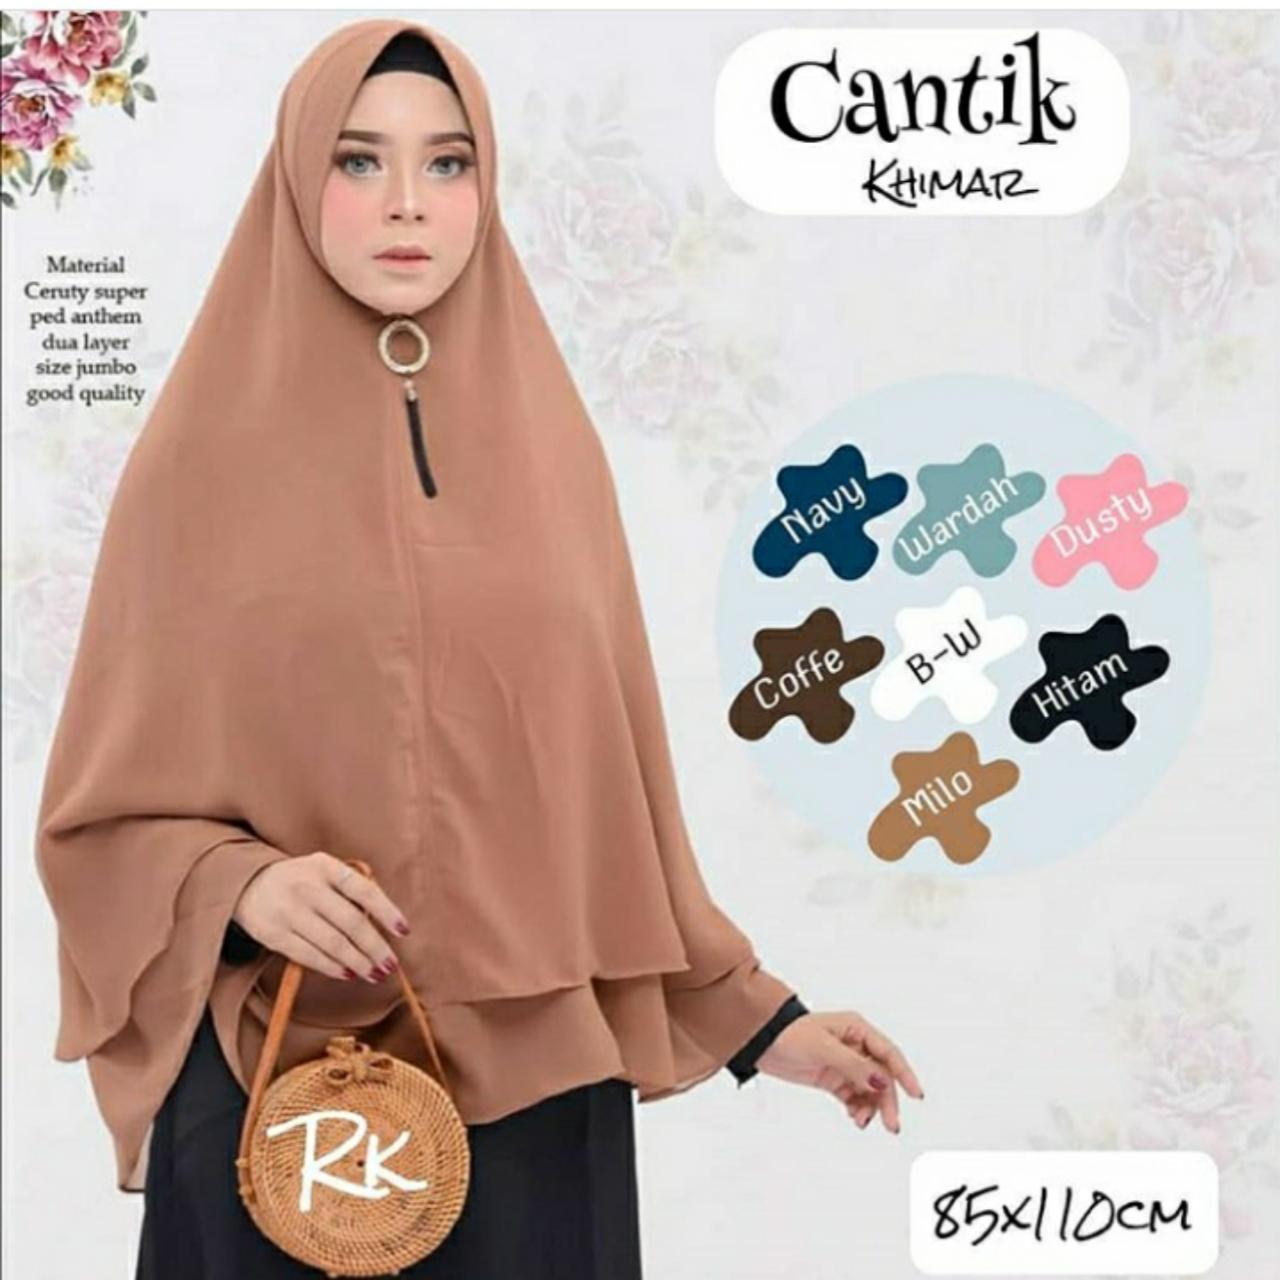 TF PROMO Bisa Bayar di Tempat Jilbab Murah Khimar Cantik Hijab Instan Mewah Kerudung Instan Khimar Instan